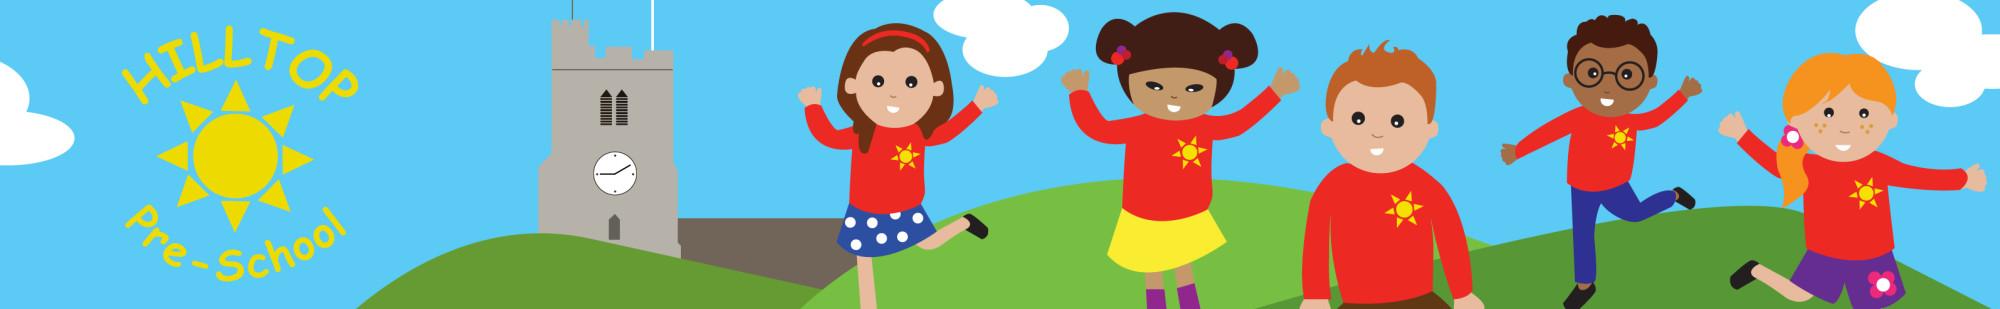 Hilltop Preschool Rayleigh